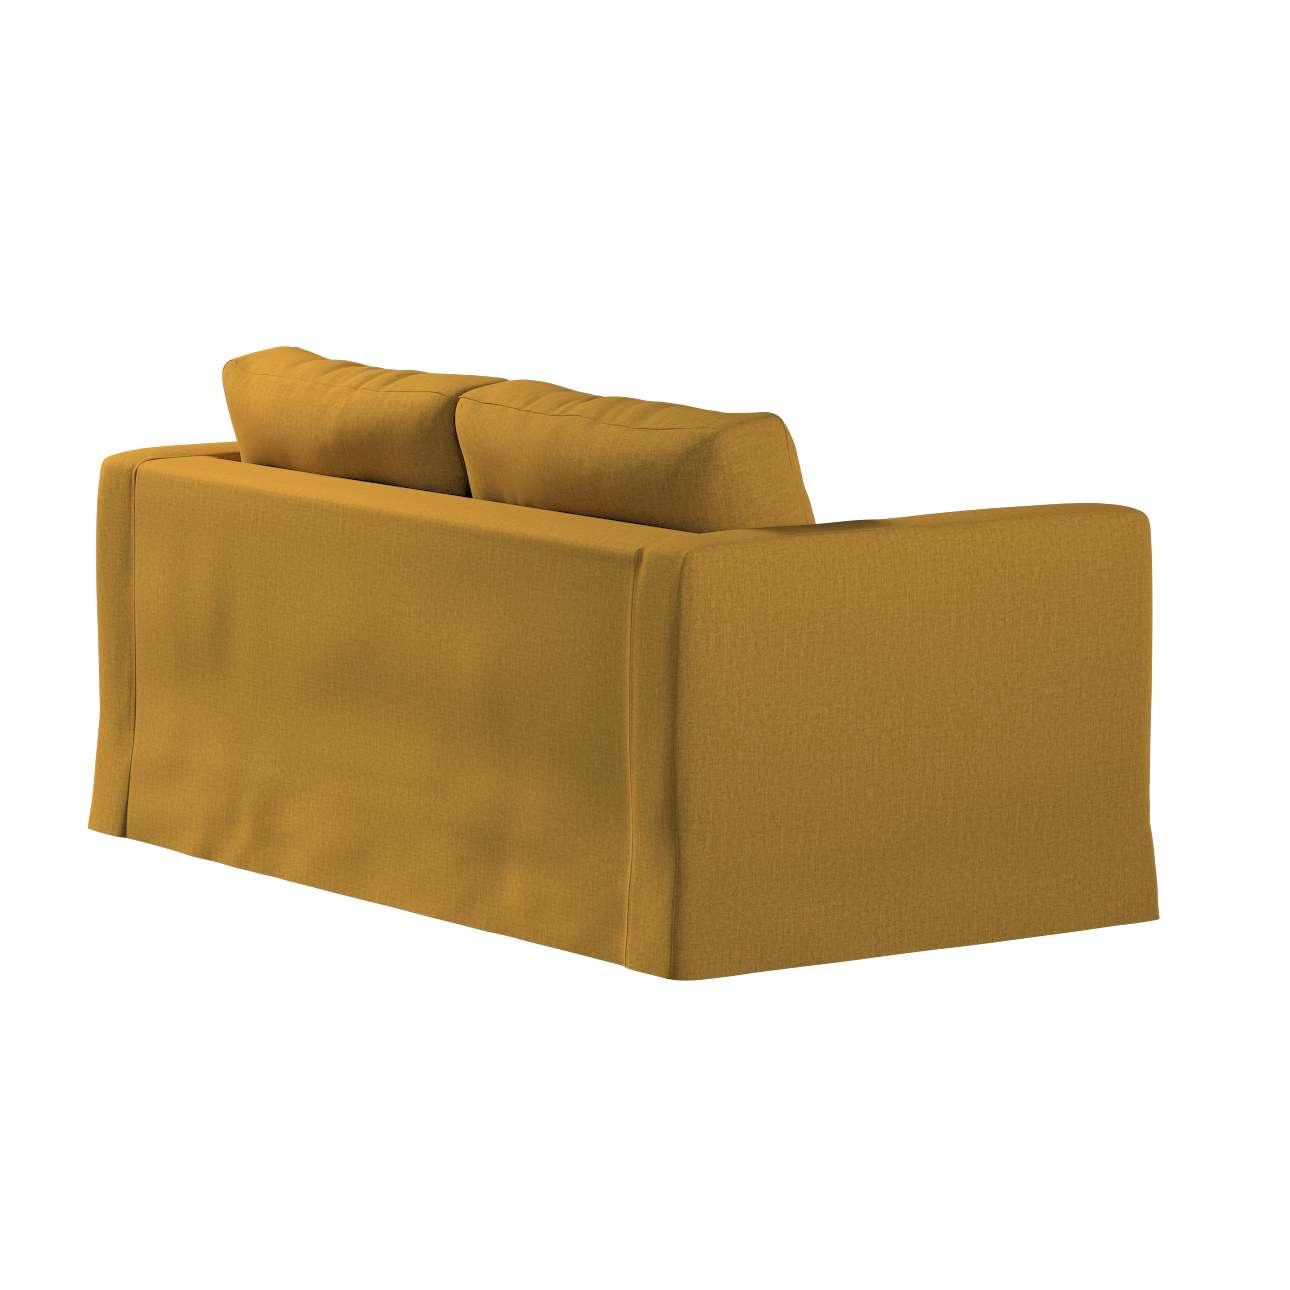 Pokrowiec na sofę Karlstad 2-osobową nierozkładaną długi w kolekcji City, tkanina: 704-82